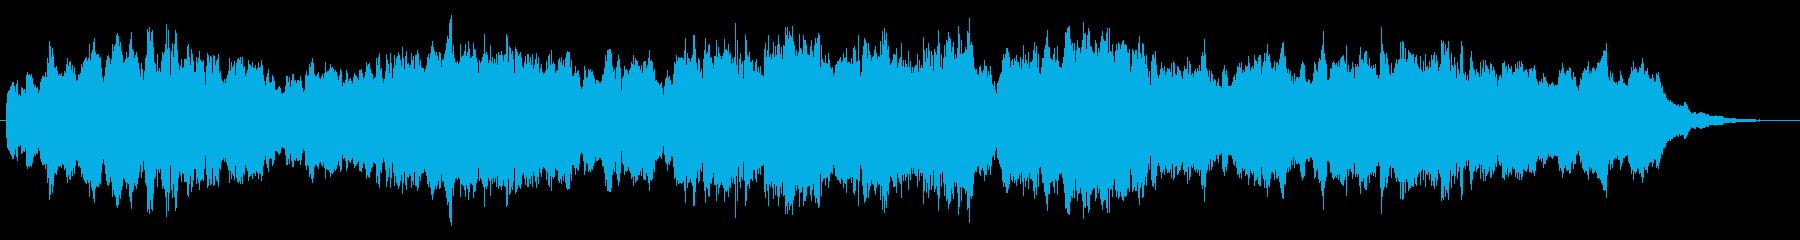 ほのぼのとしたオルガンのジングルの再生済みの波形